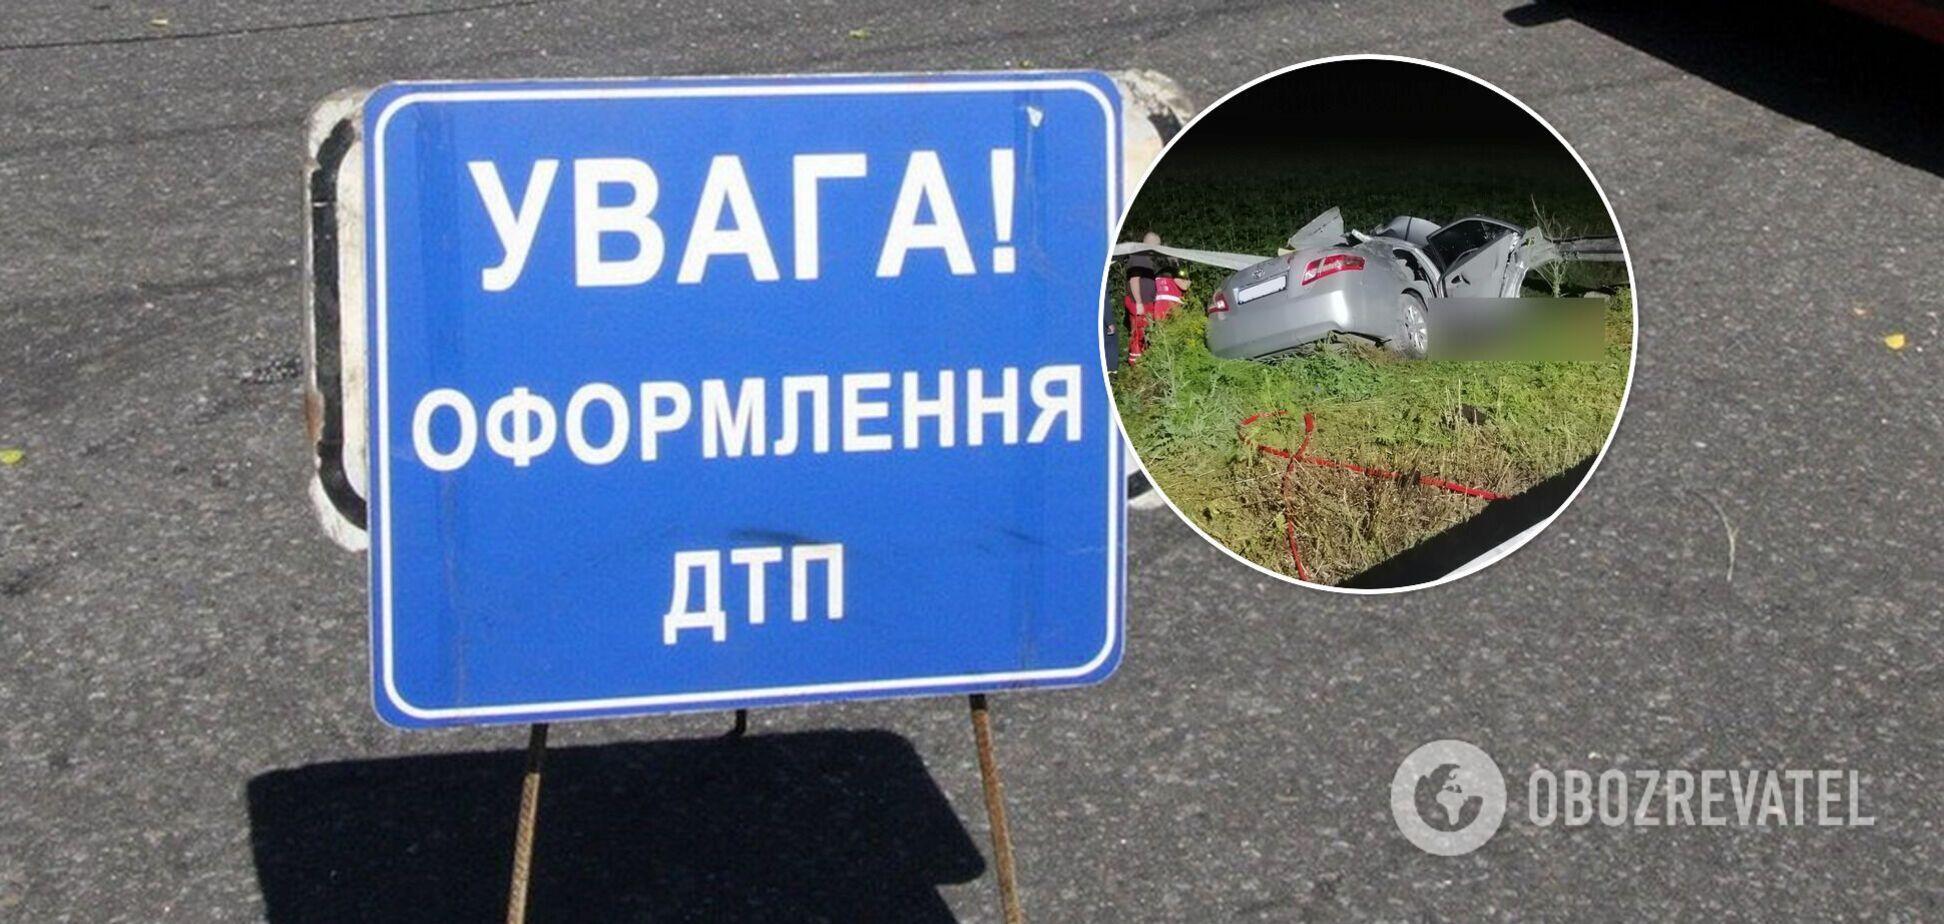 У Донецькій області авто влетіло у відбійник, загинули дві людини. Фото